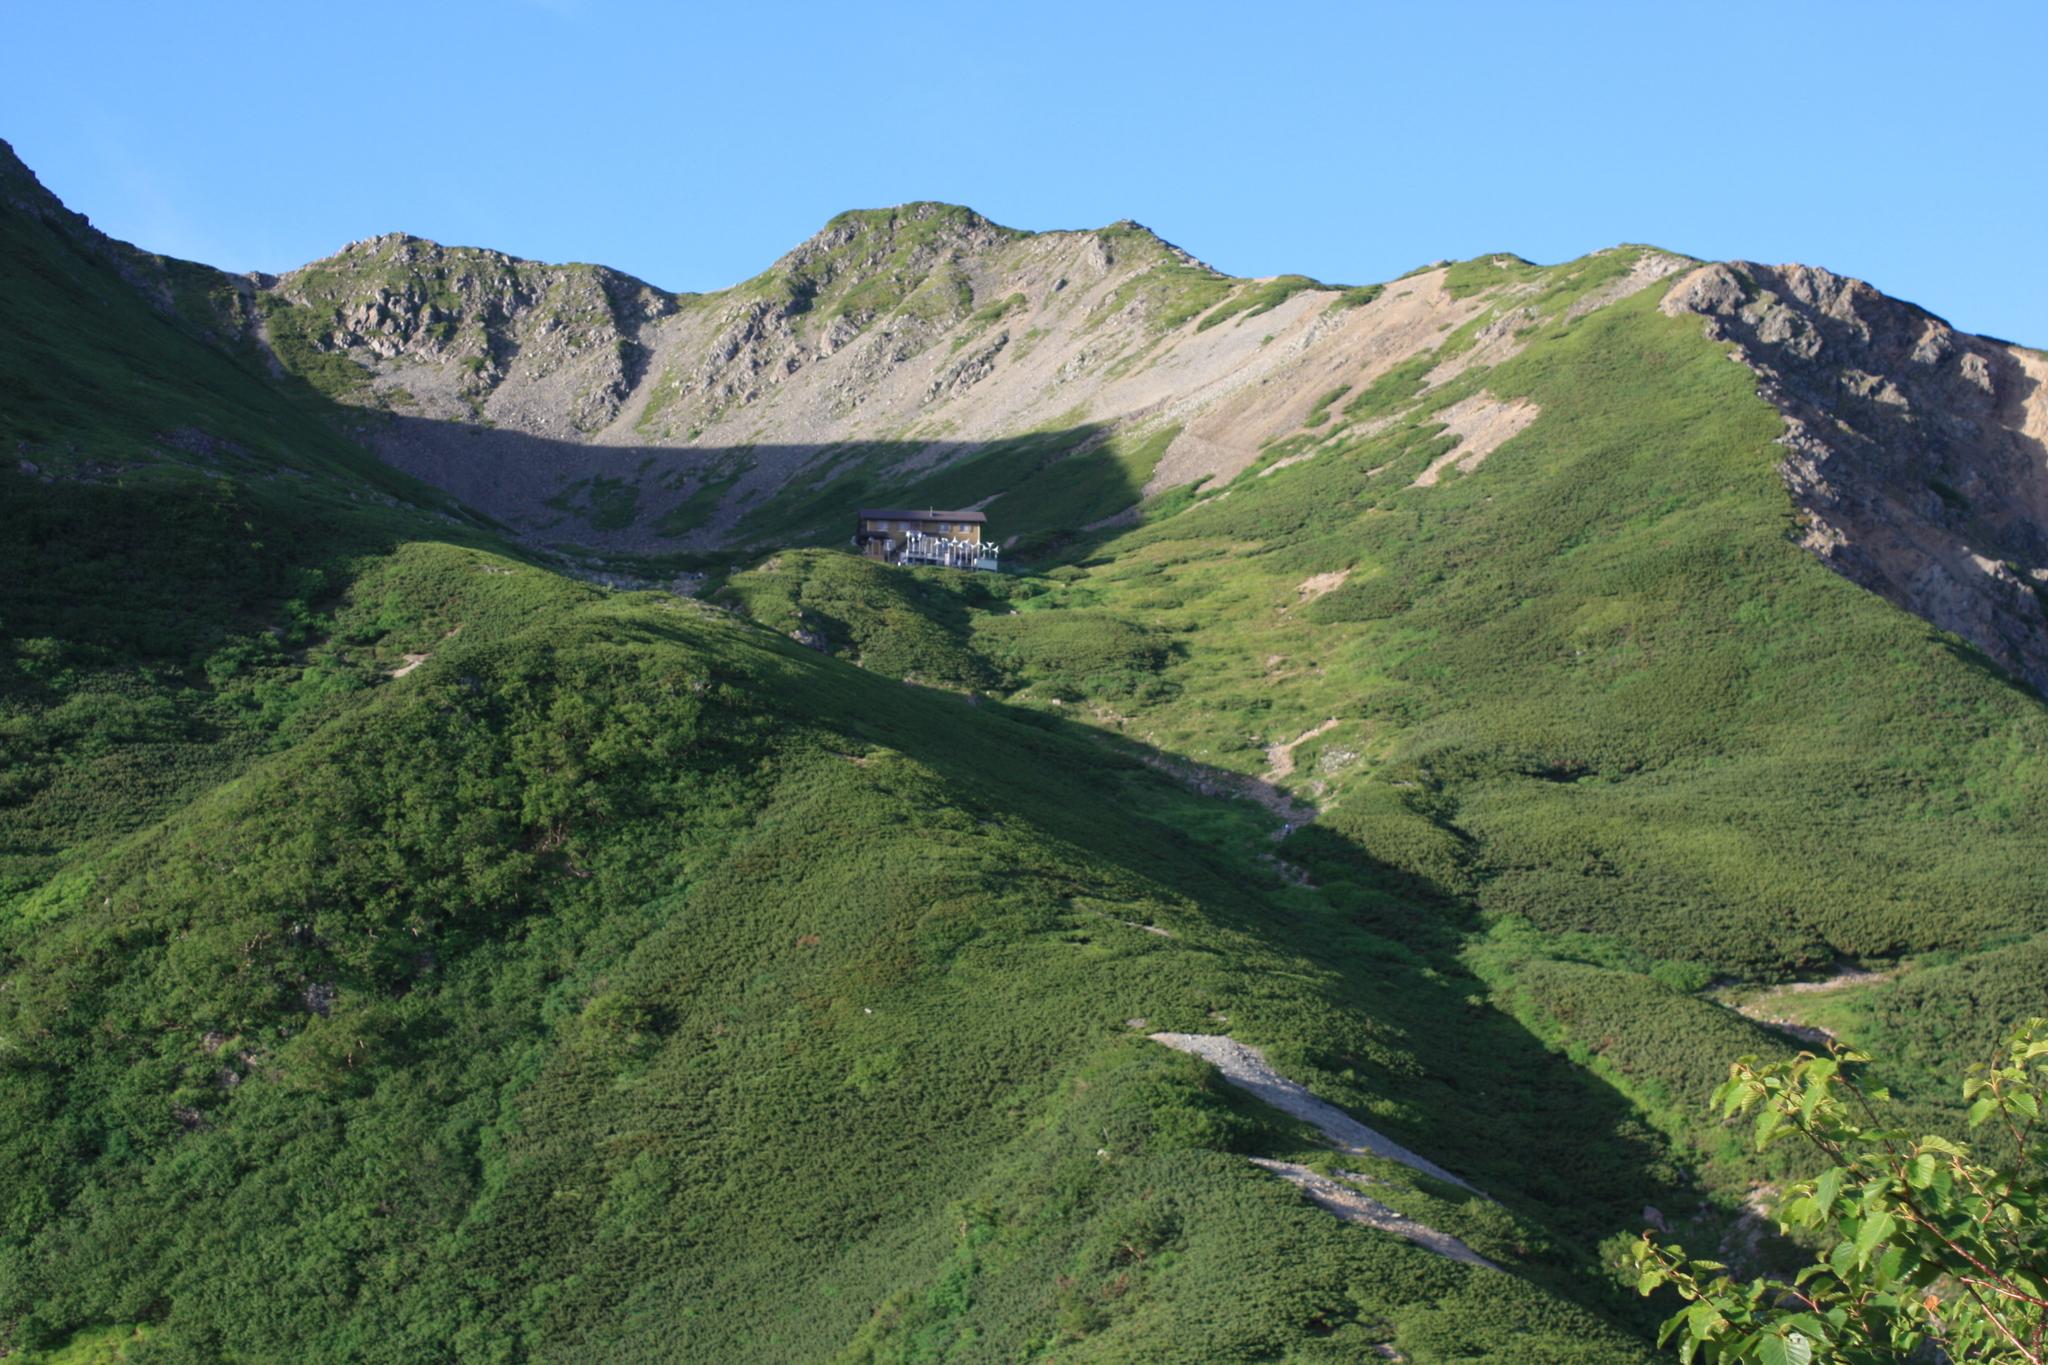 「南アルプスの女王」山頂にカールを抱く優美な山<br>南アルプス 仙丈ヶ岳 2日間